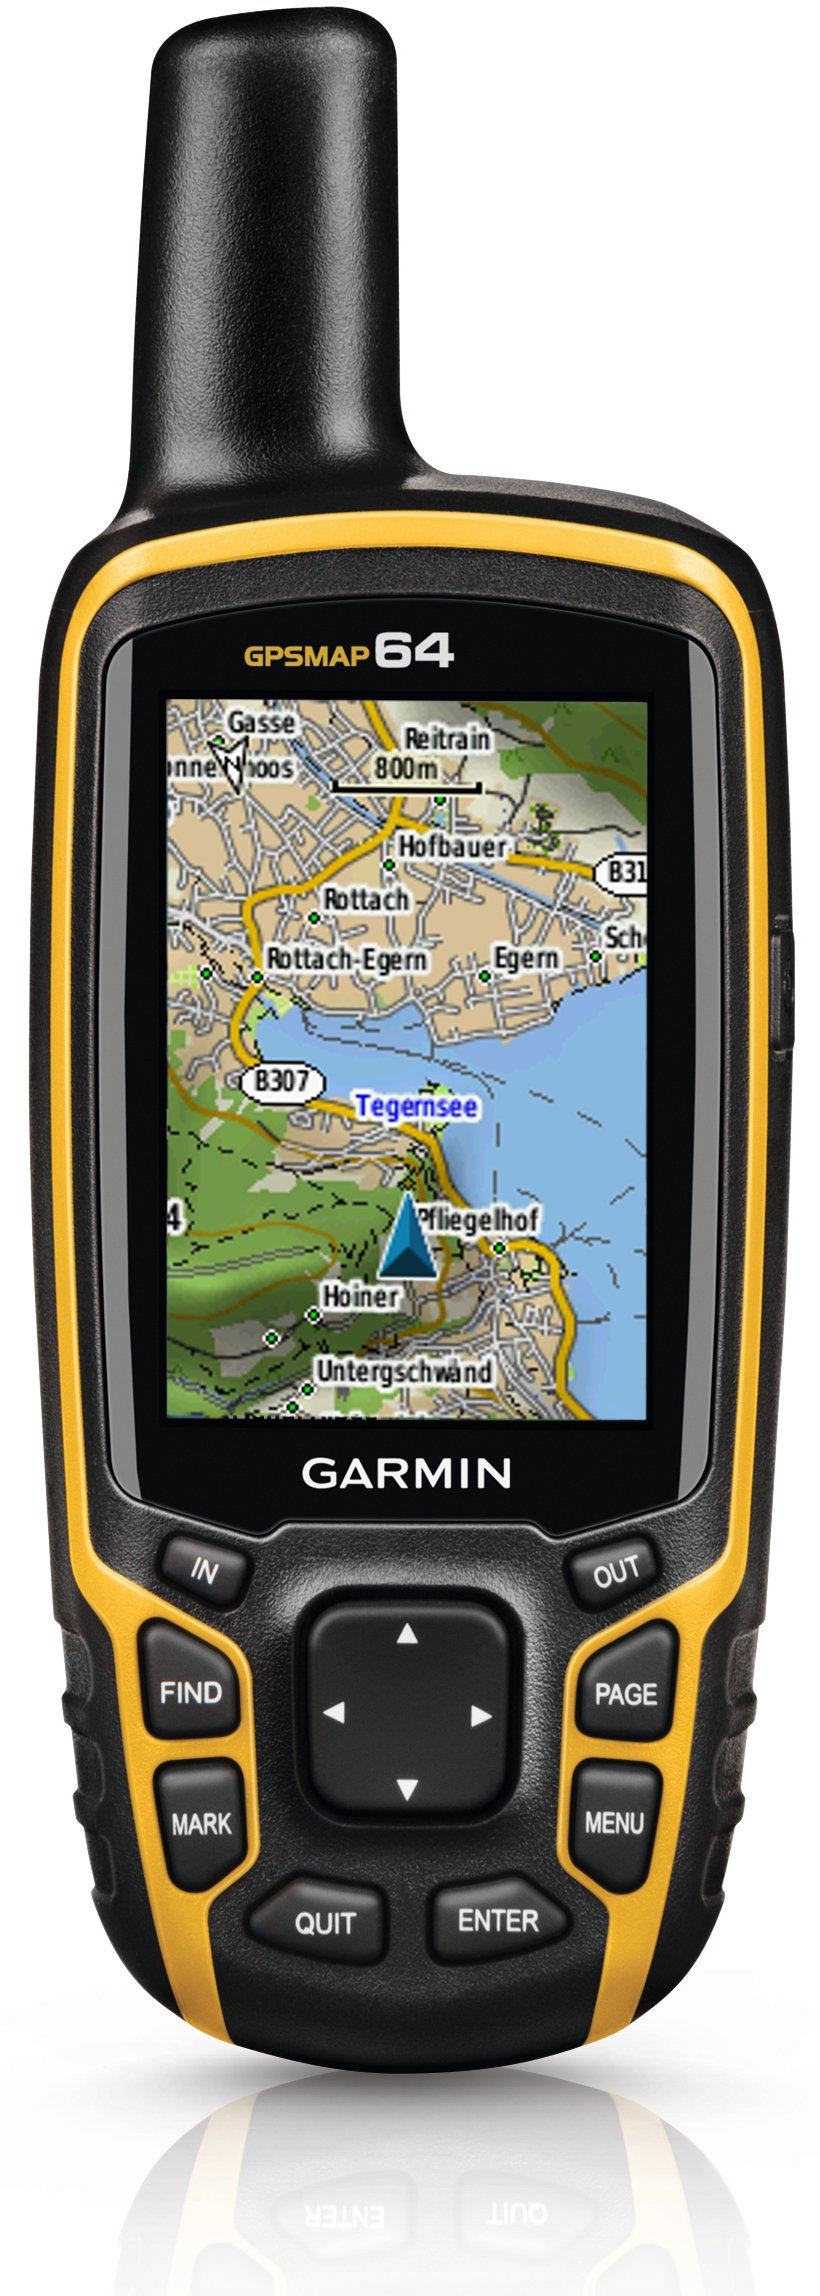 Garmin GPSMAP 64 Handheld Navigator 7